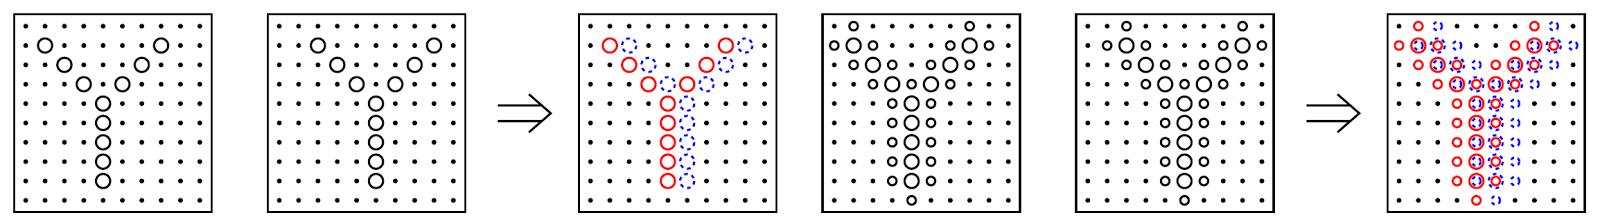 Логика сознания. Часть 11. Естественное кодирование зрительной и звуковой информации - 25